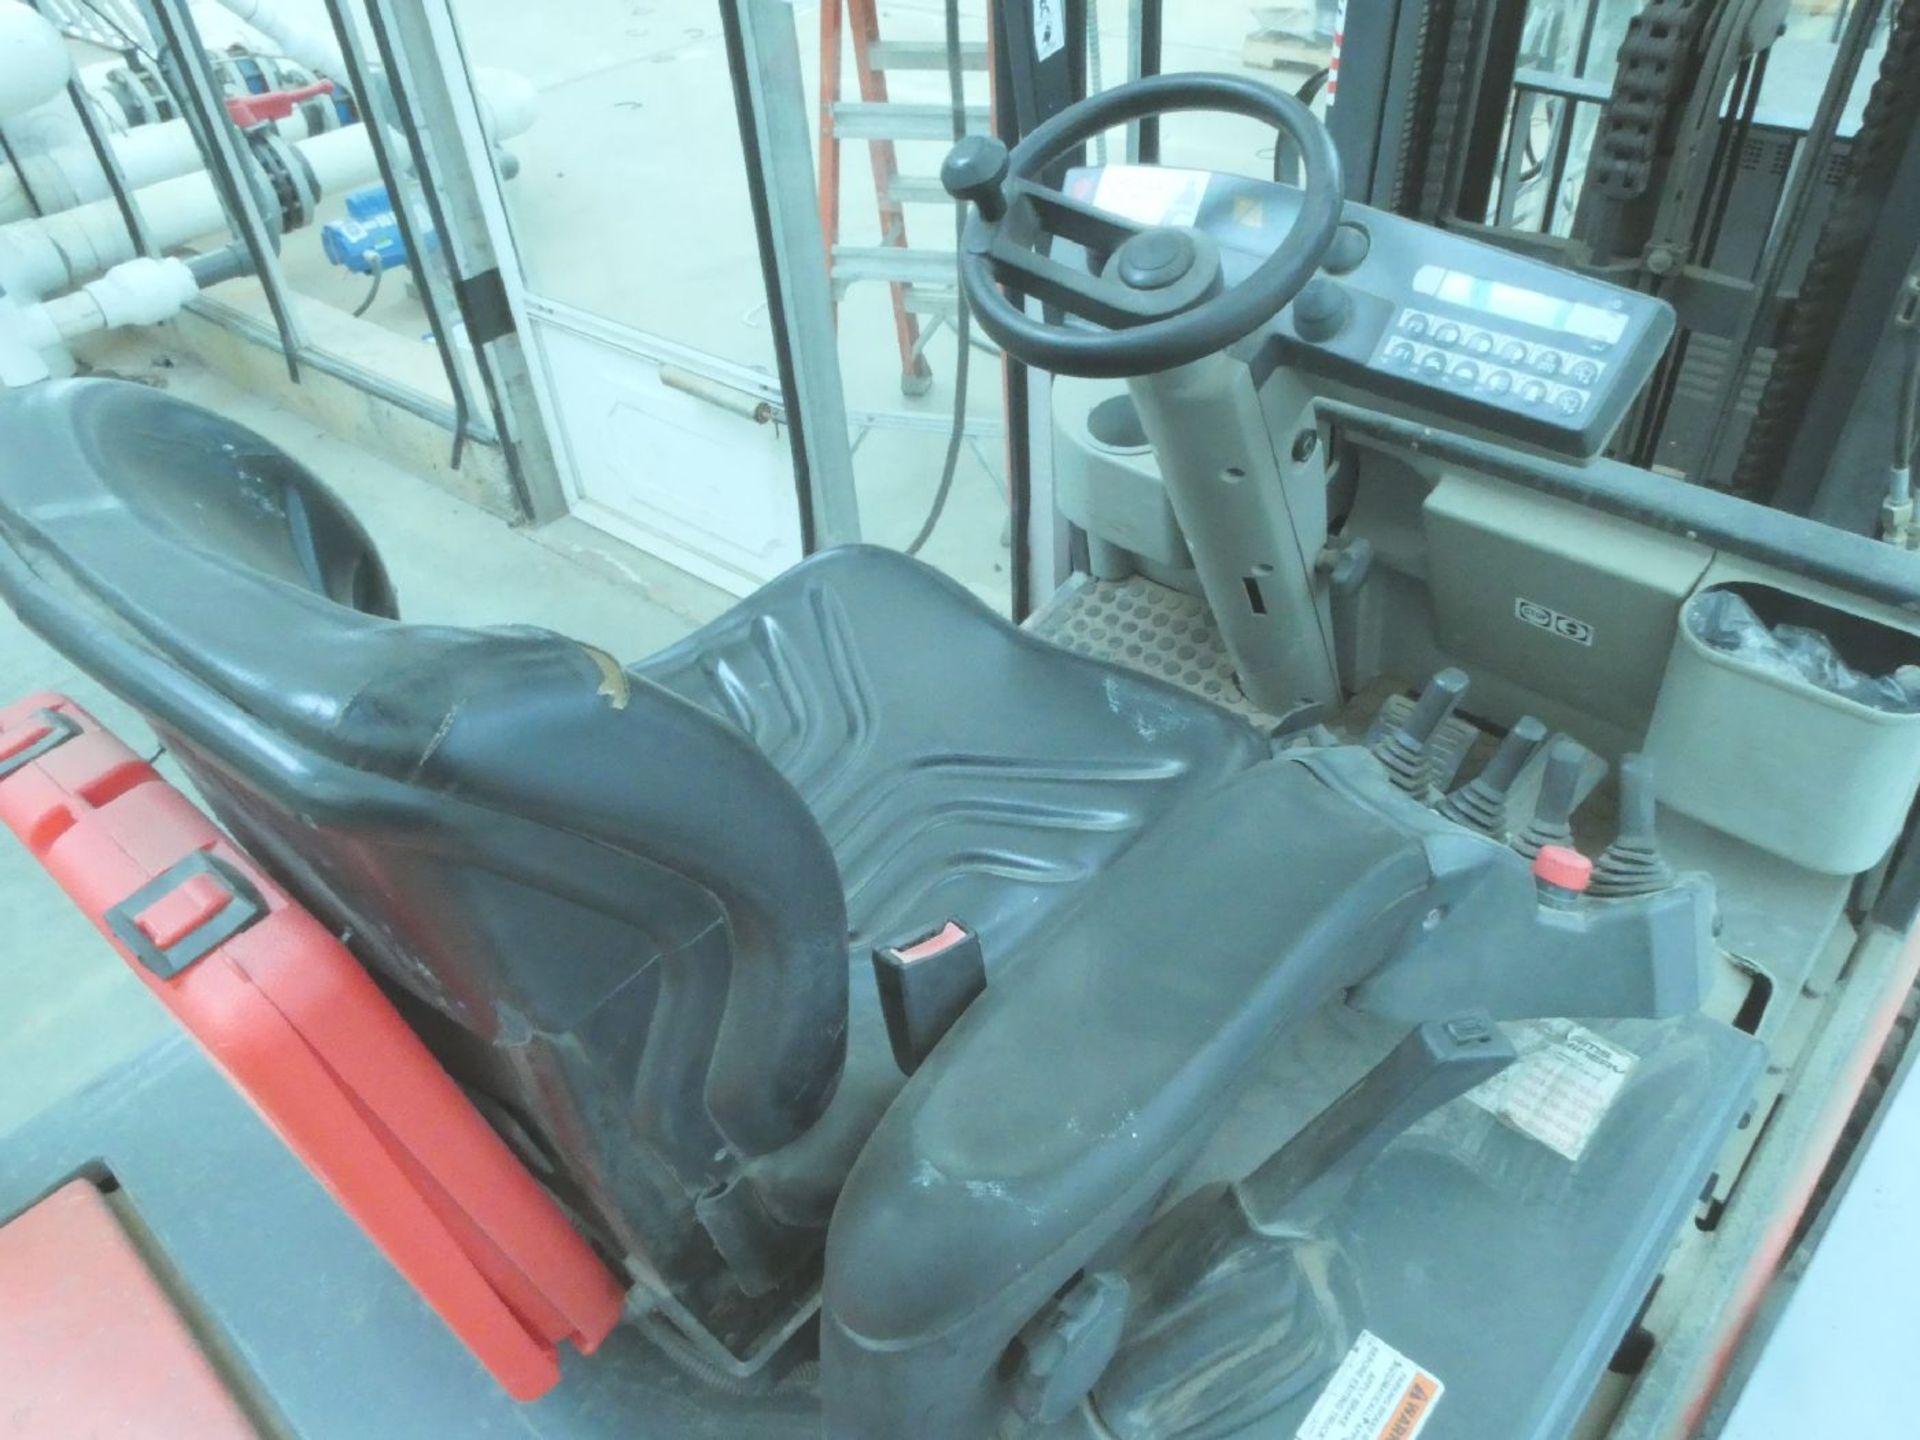 Linde ER18-AC 2600-Lb. Electric Fork Lift Truck - Image 3 of 6